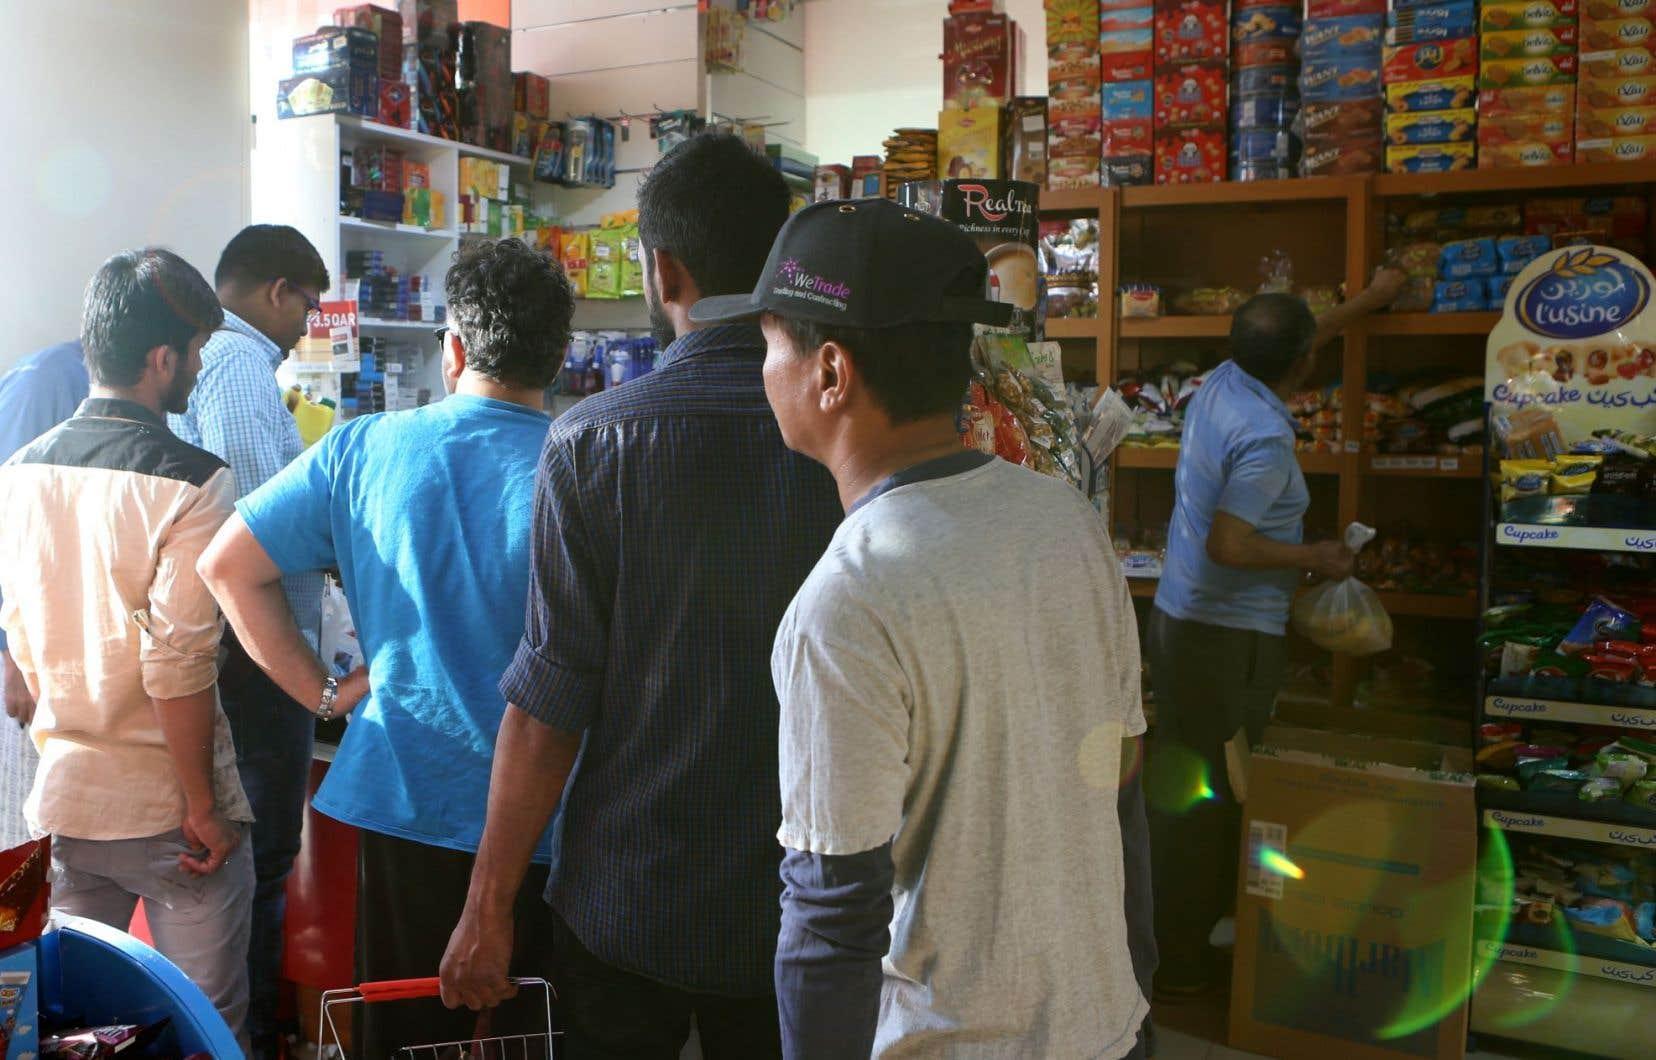 Des habitants de Doha ont pris d'assaut les supermarchés. Le lait, le riz et le poulet ont rapidement disparu des rayons.